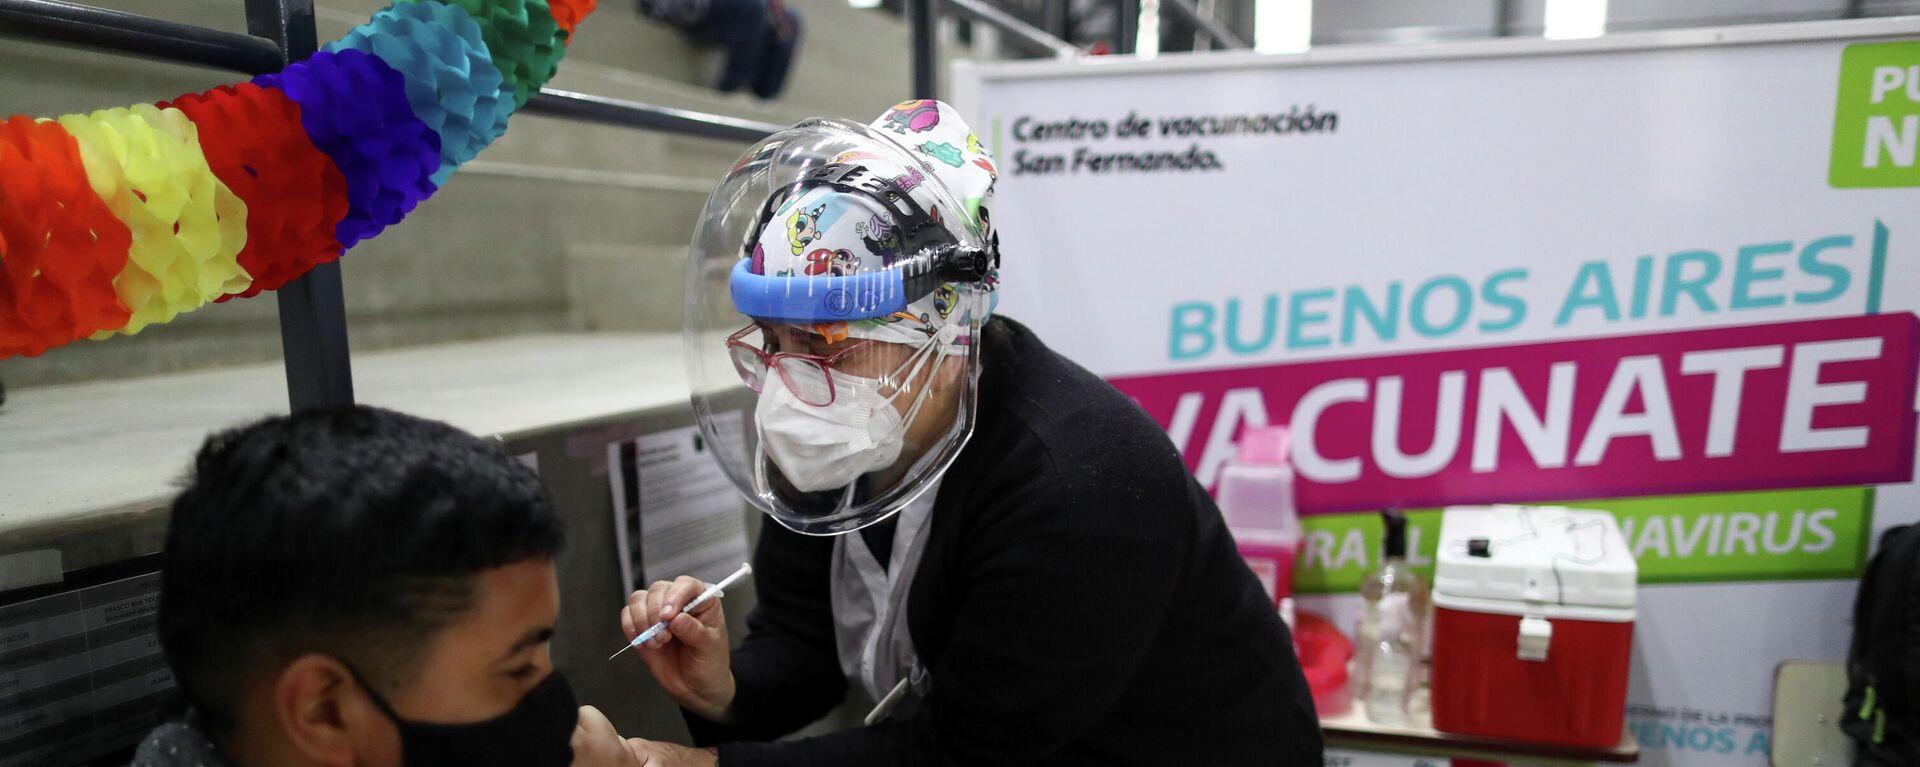 La trabajadora de salud Carla Díaz vacuna a Joel Villalba, de 17 años, con una dosis de la vacuna Moderna contra el coronavirus (COVID-19) en un centro de vacunación, en Buenos Aires, Argentina, el 9 de agosto de 2021 - Sputnik Mundo, 1920, 11.08.2021